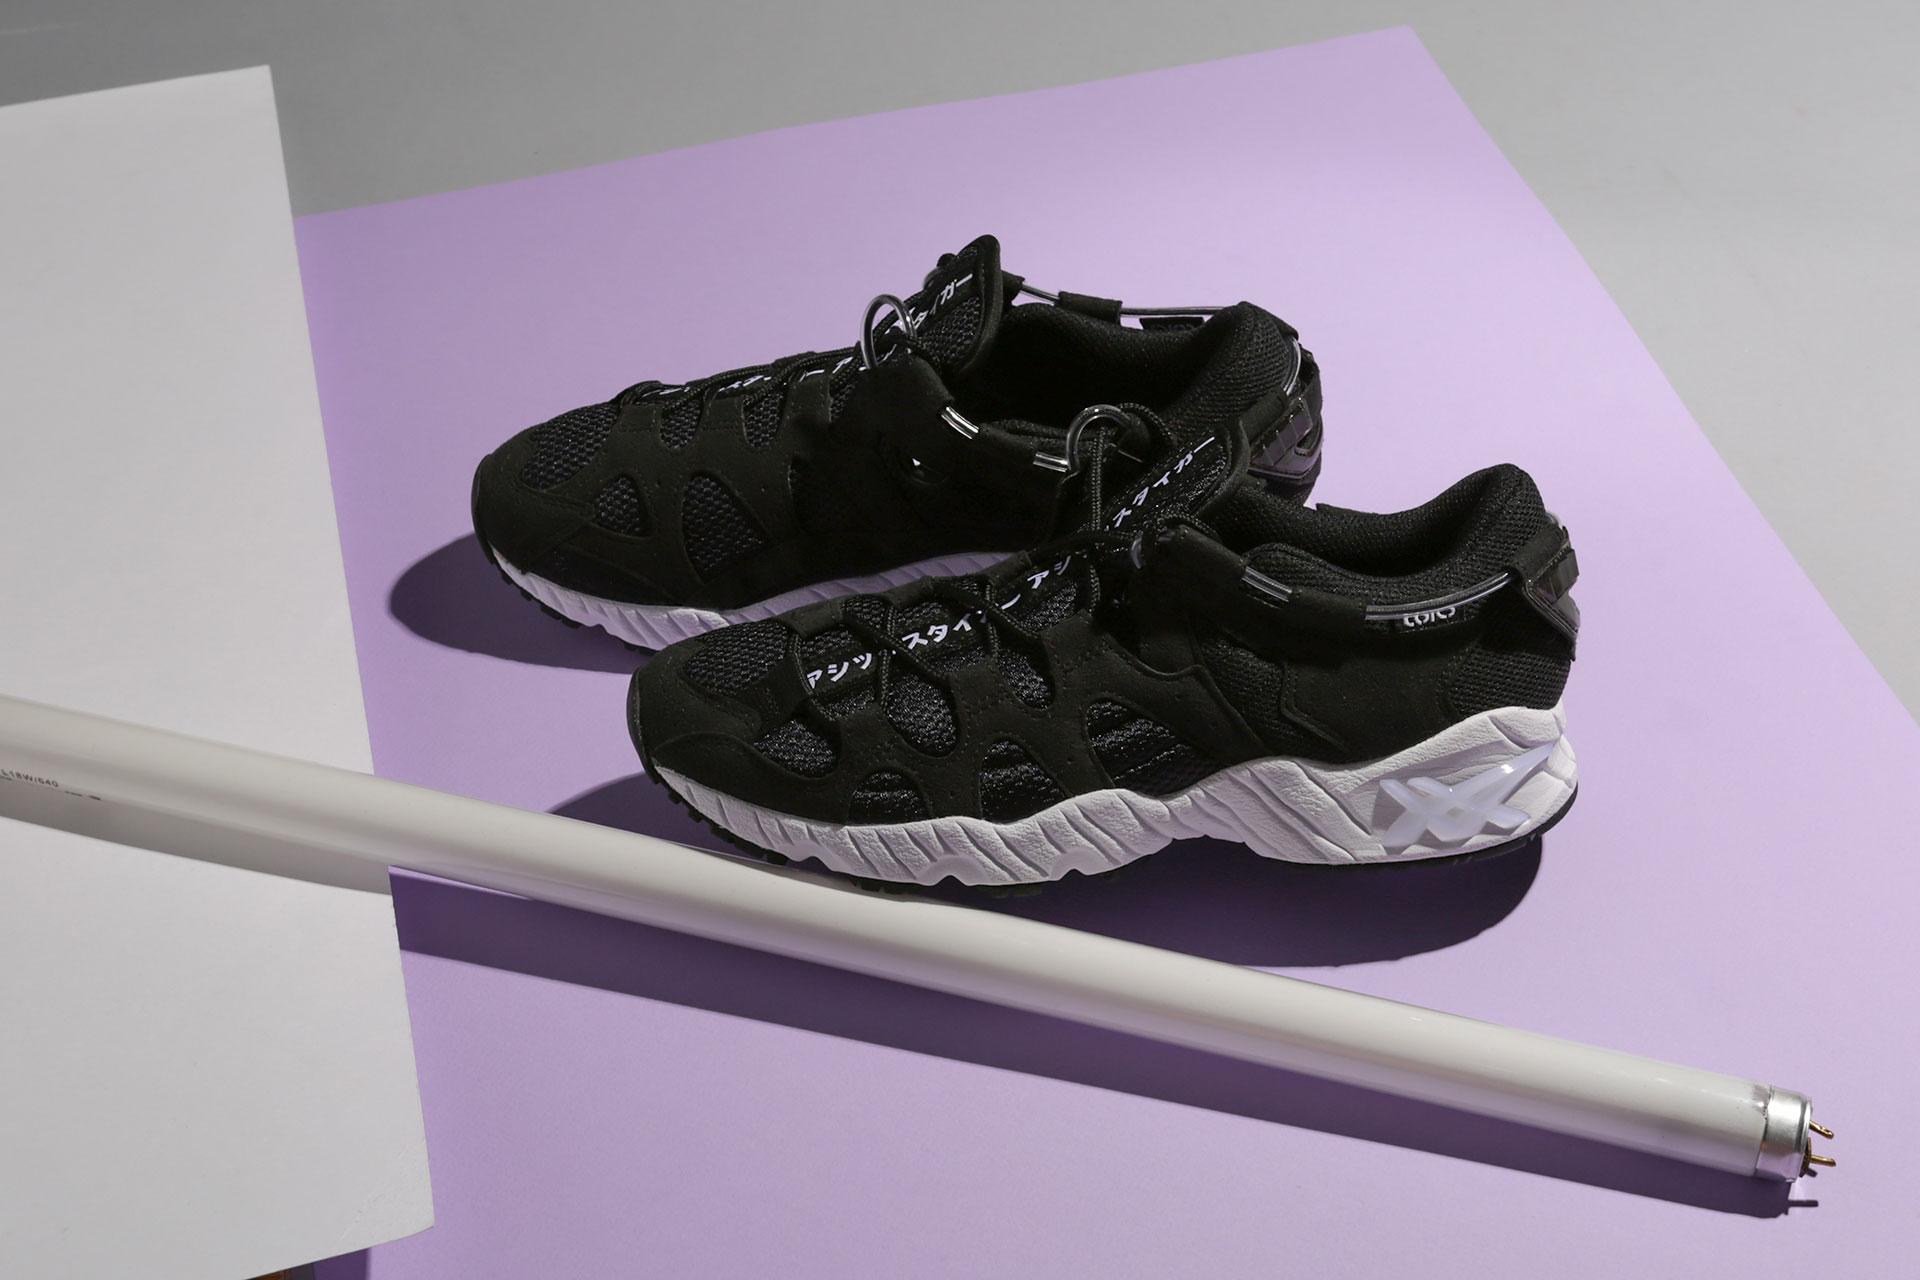 online store 2e2c9 1b810 Купить черные мужские кроссовки Gel-Mai от ASICS (1193A098 ...